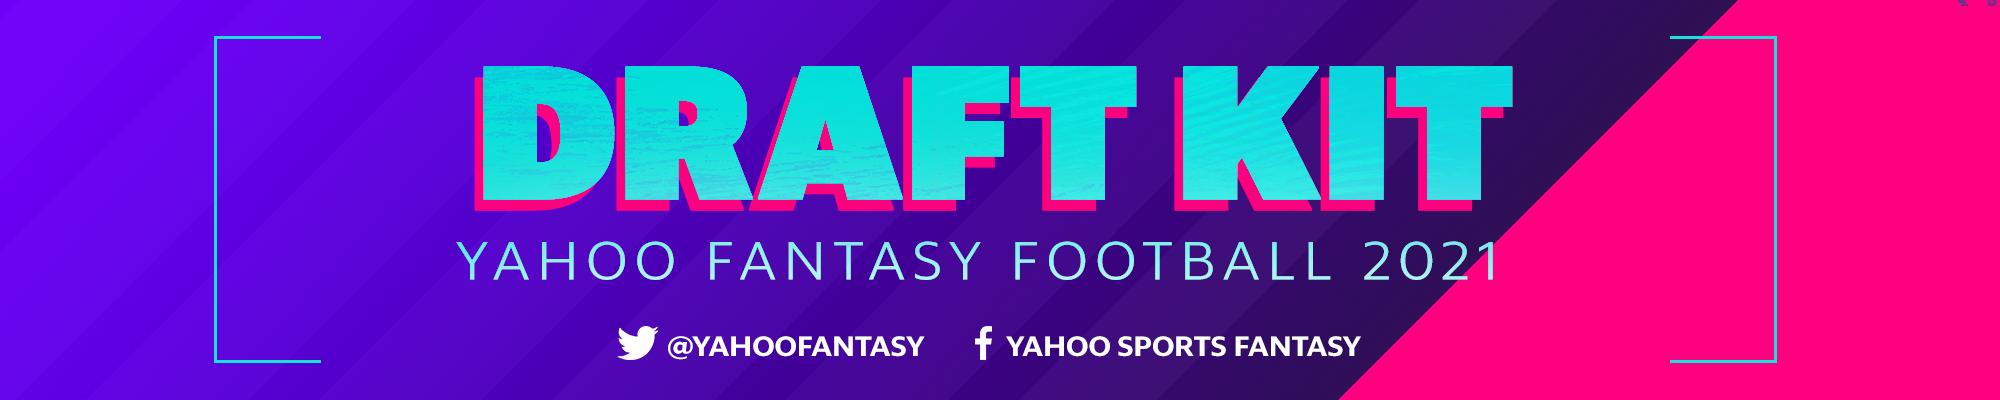 Yahoo Fantasy Football 2021 Draft Kit